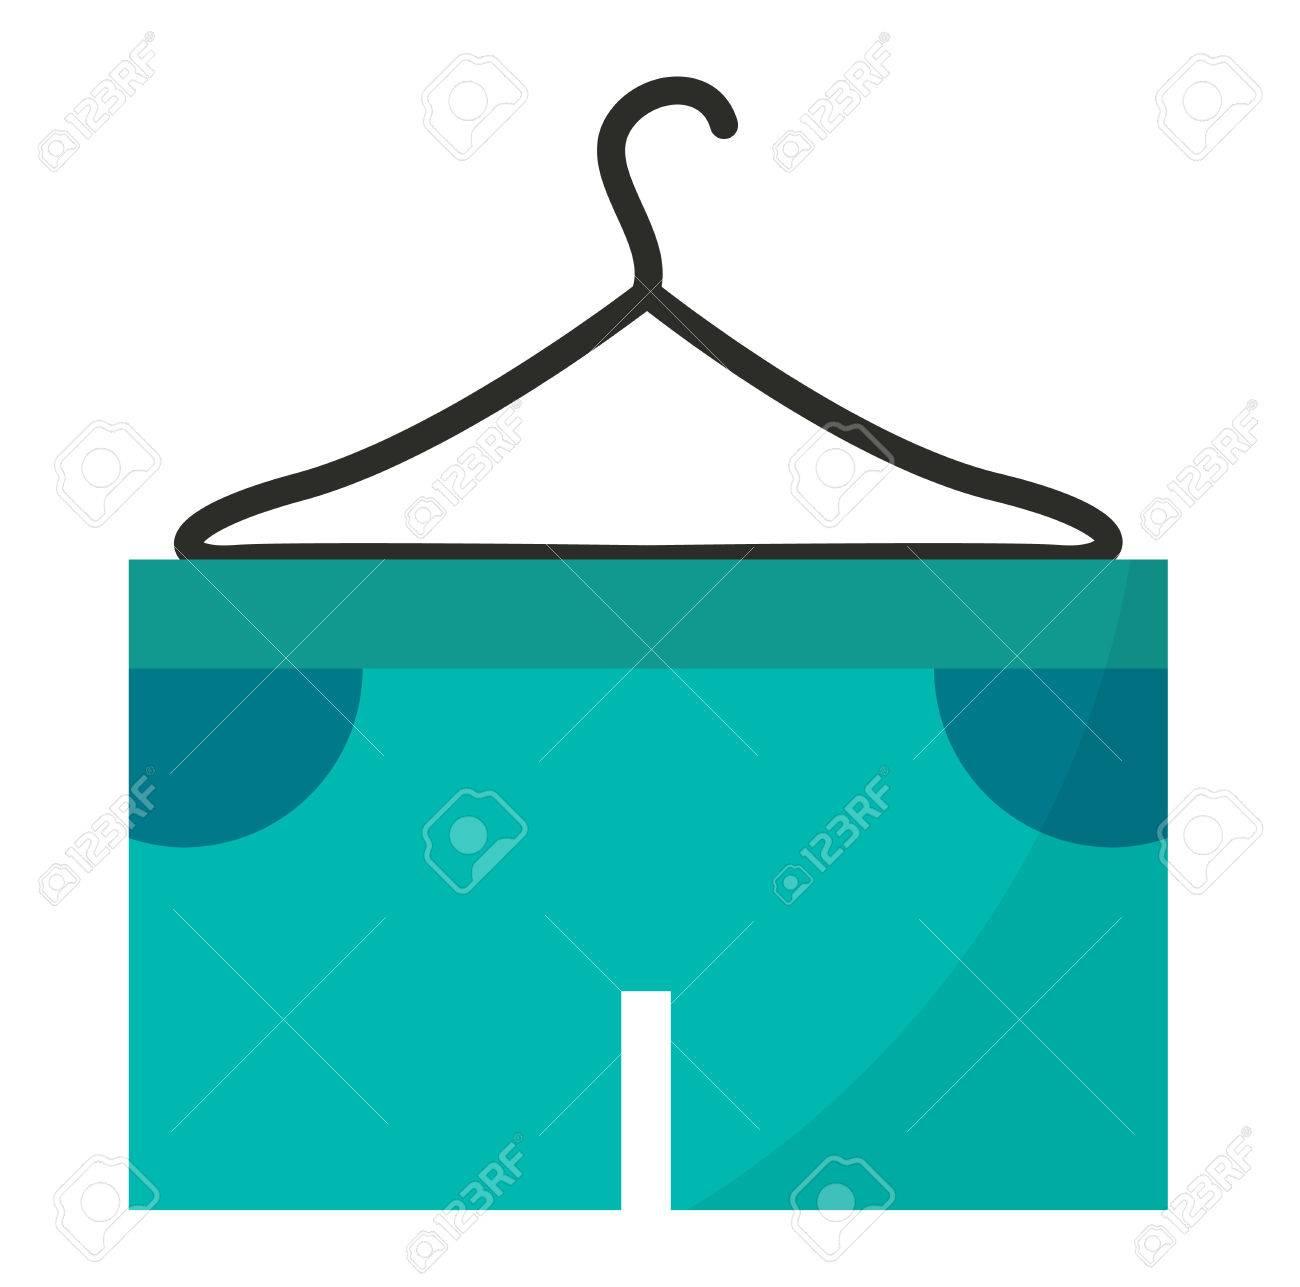 Short De Course Bleu Isolé Sur Fond Blanc. Vêtements Short Sport Course  Vêtements Ang Mode De Fitness Shorts De Course. Pantalon De Tennis Vêtement  Short De ... 80a478c96328